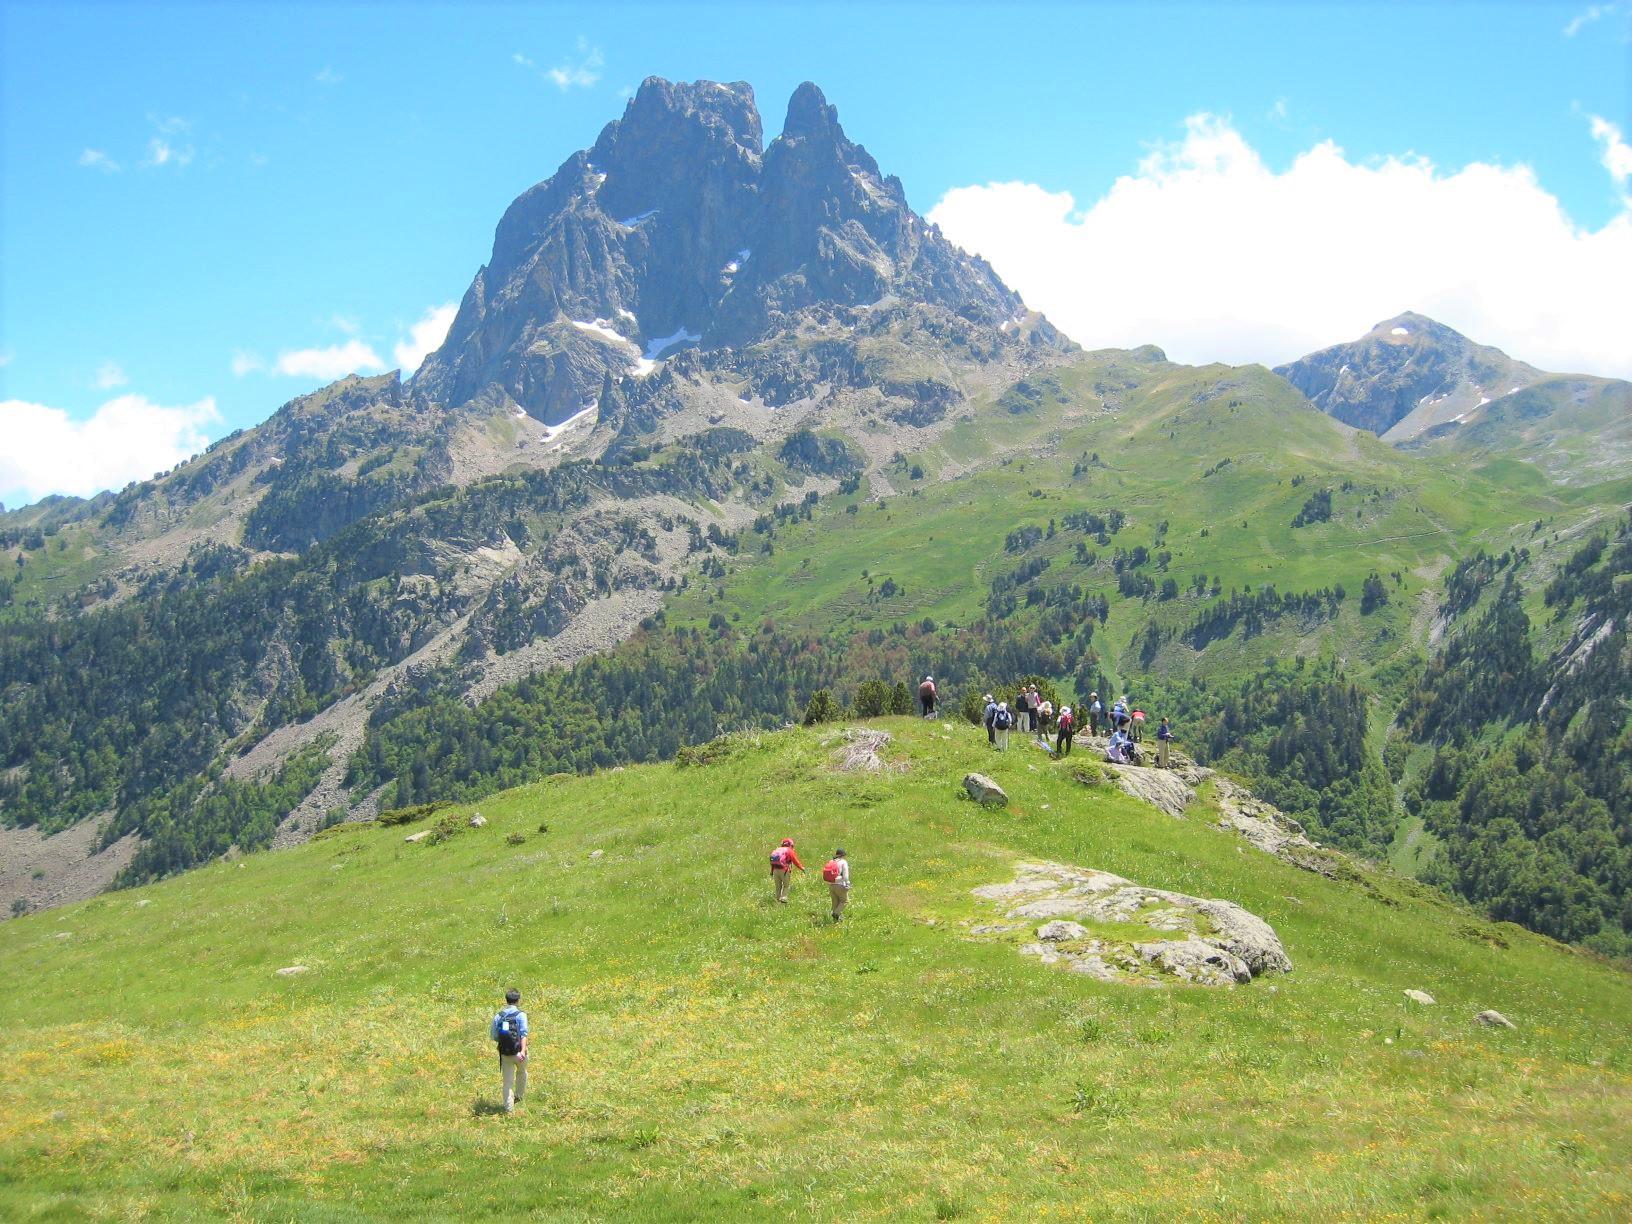 大岩峰がそびえるピック・デュ・ミディ・ドッソオを展望しながらハイキング(6日目)